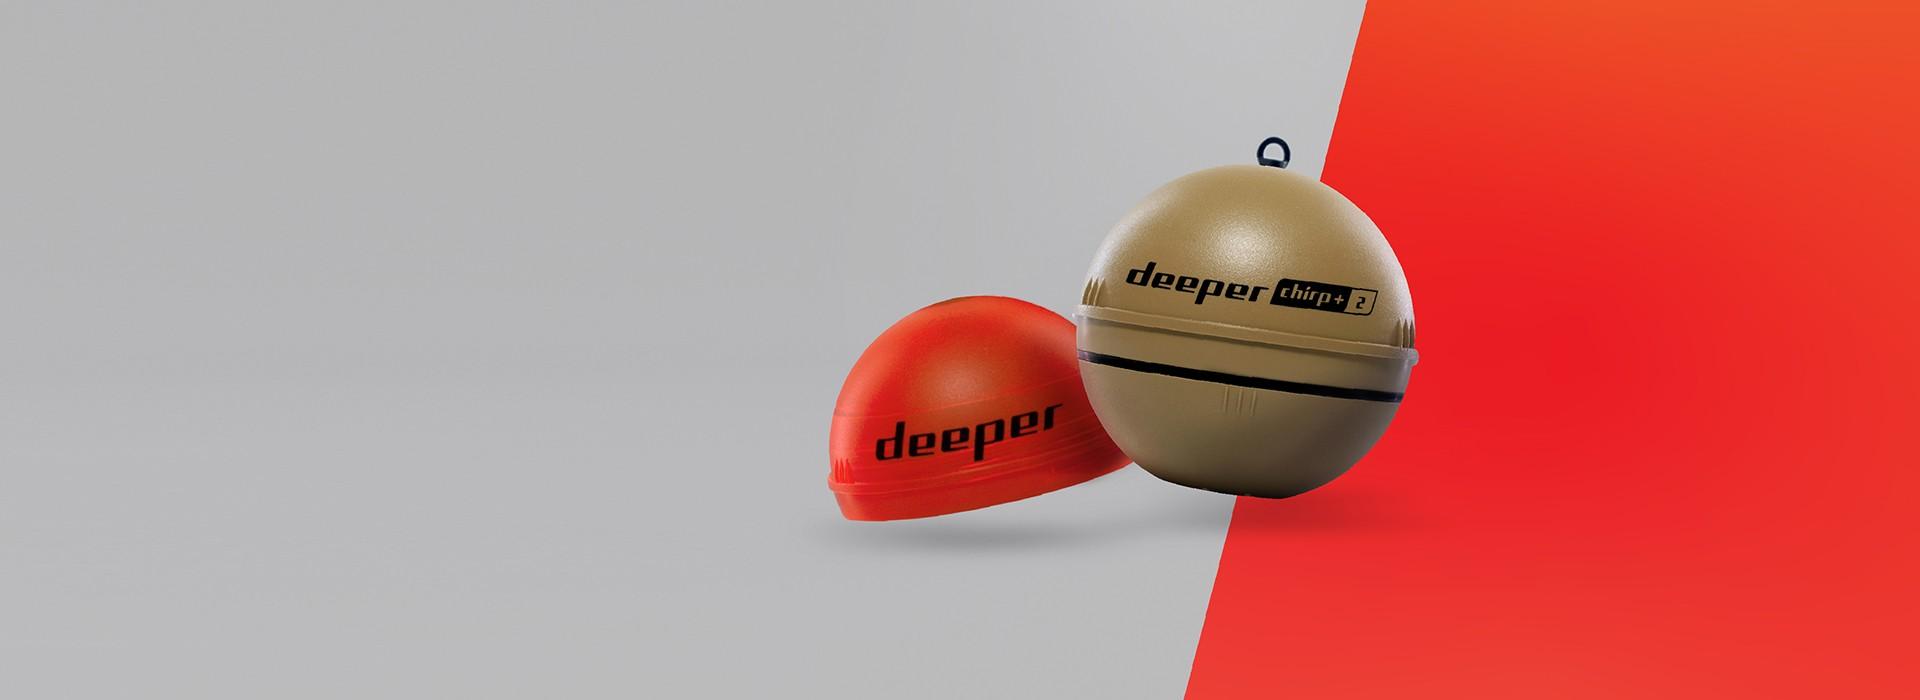 Saa tuttavaks uue Deeper CHIRP+ 2!Kõige võimsam sonar, mille oleme eales teinud. Praeguseks.